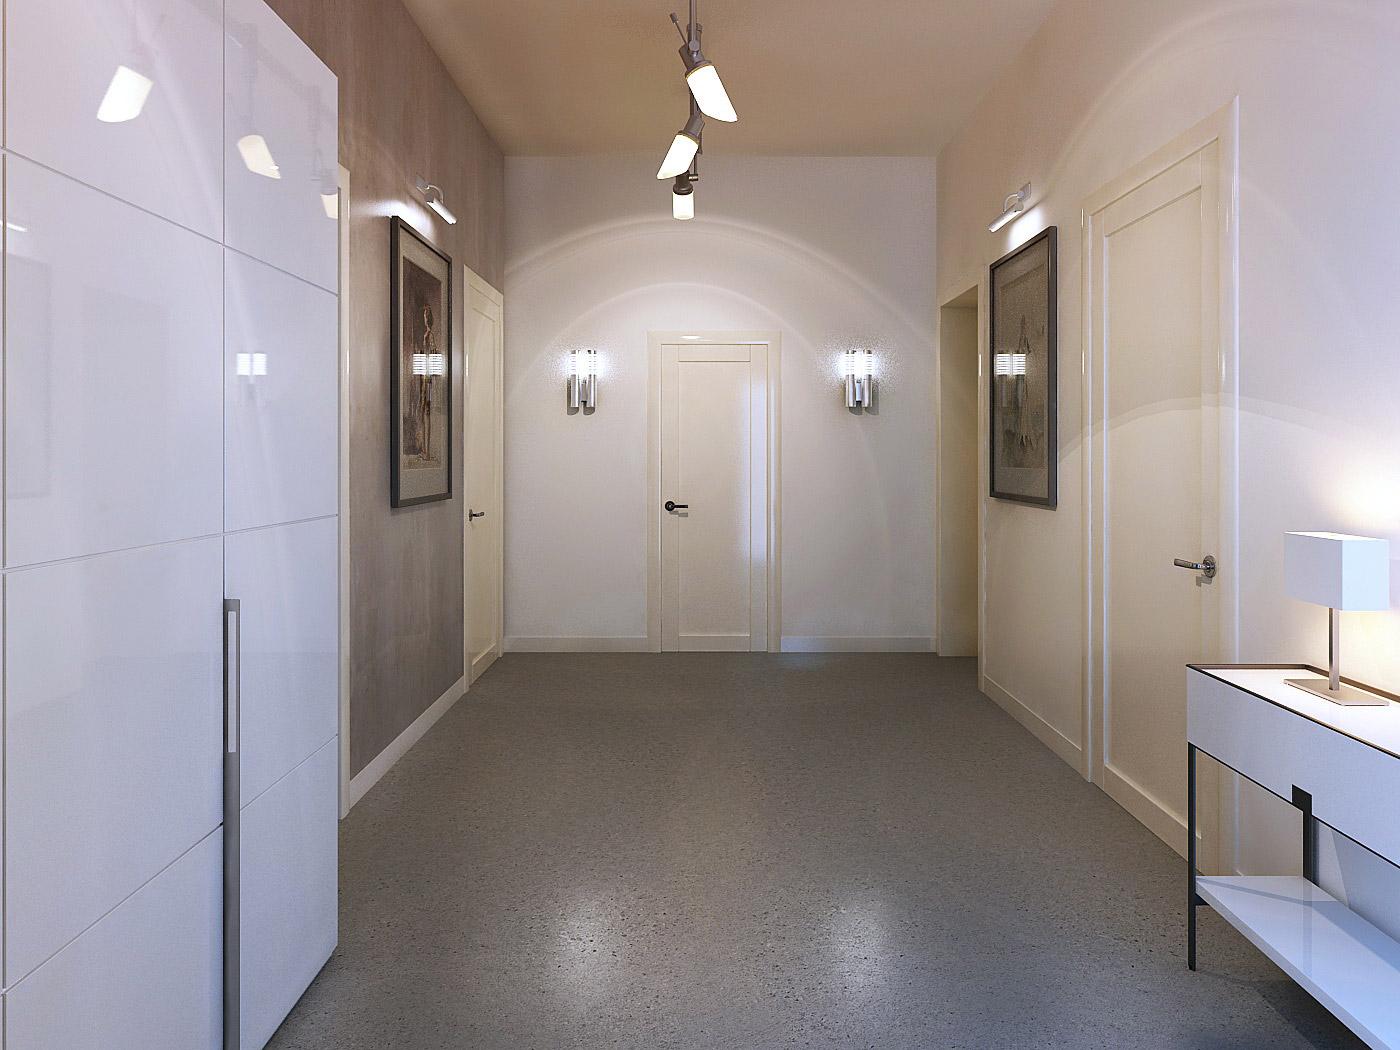 светлая напольная плитка в прихожую комнату в стиле ретро